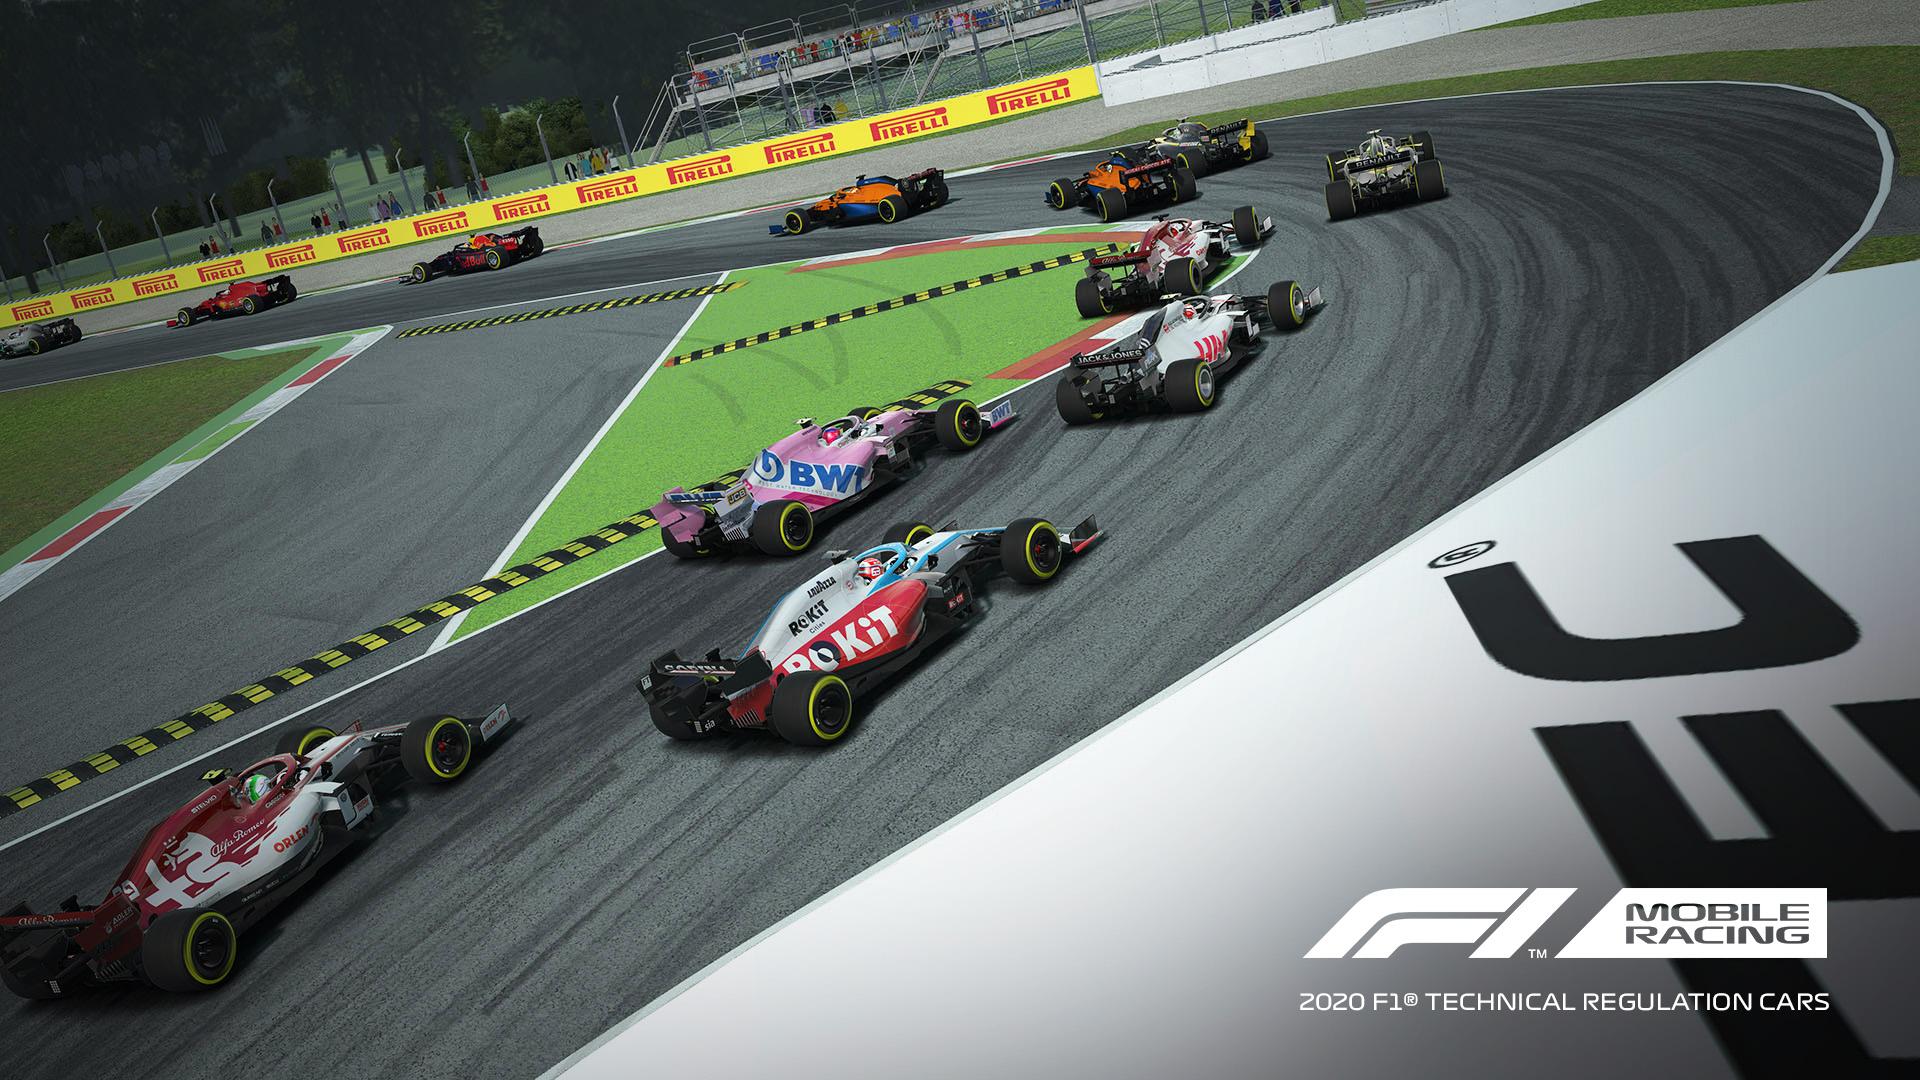 F1 Mobile Racing 2020 Pic 2